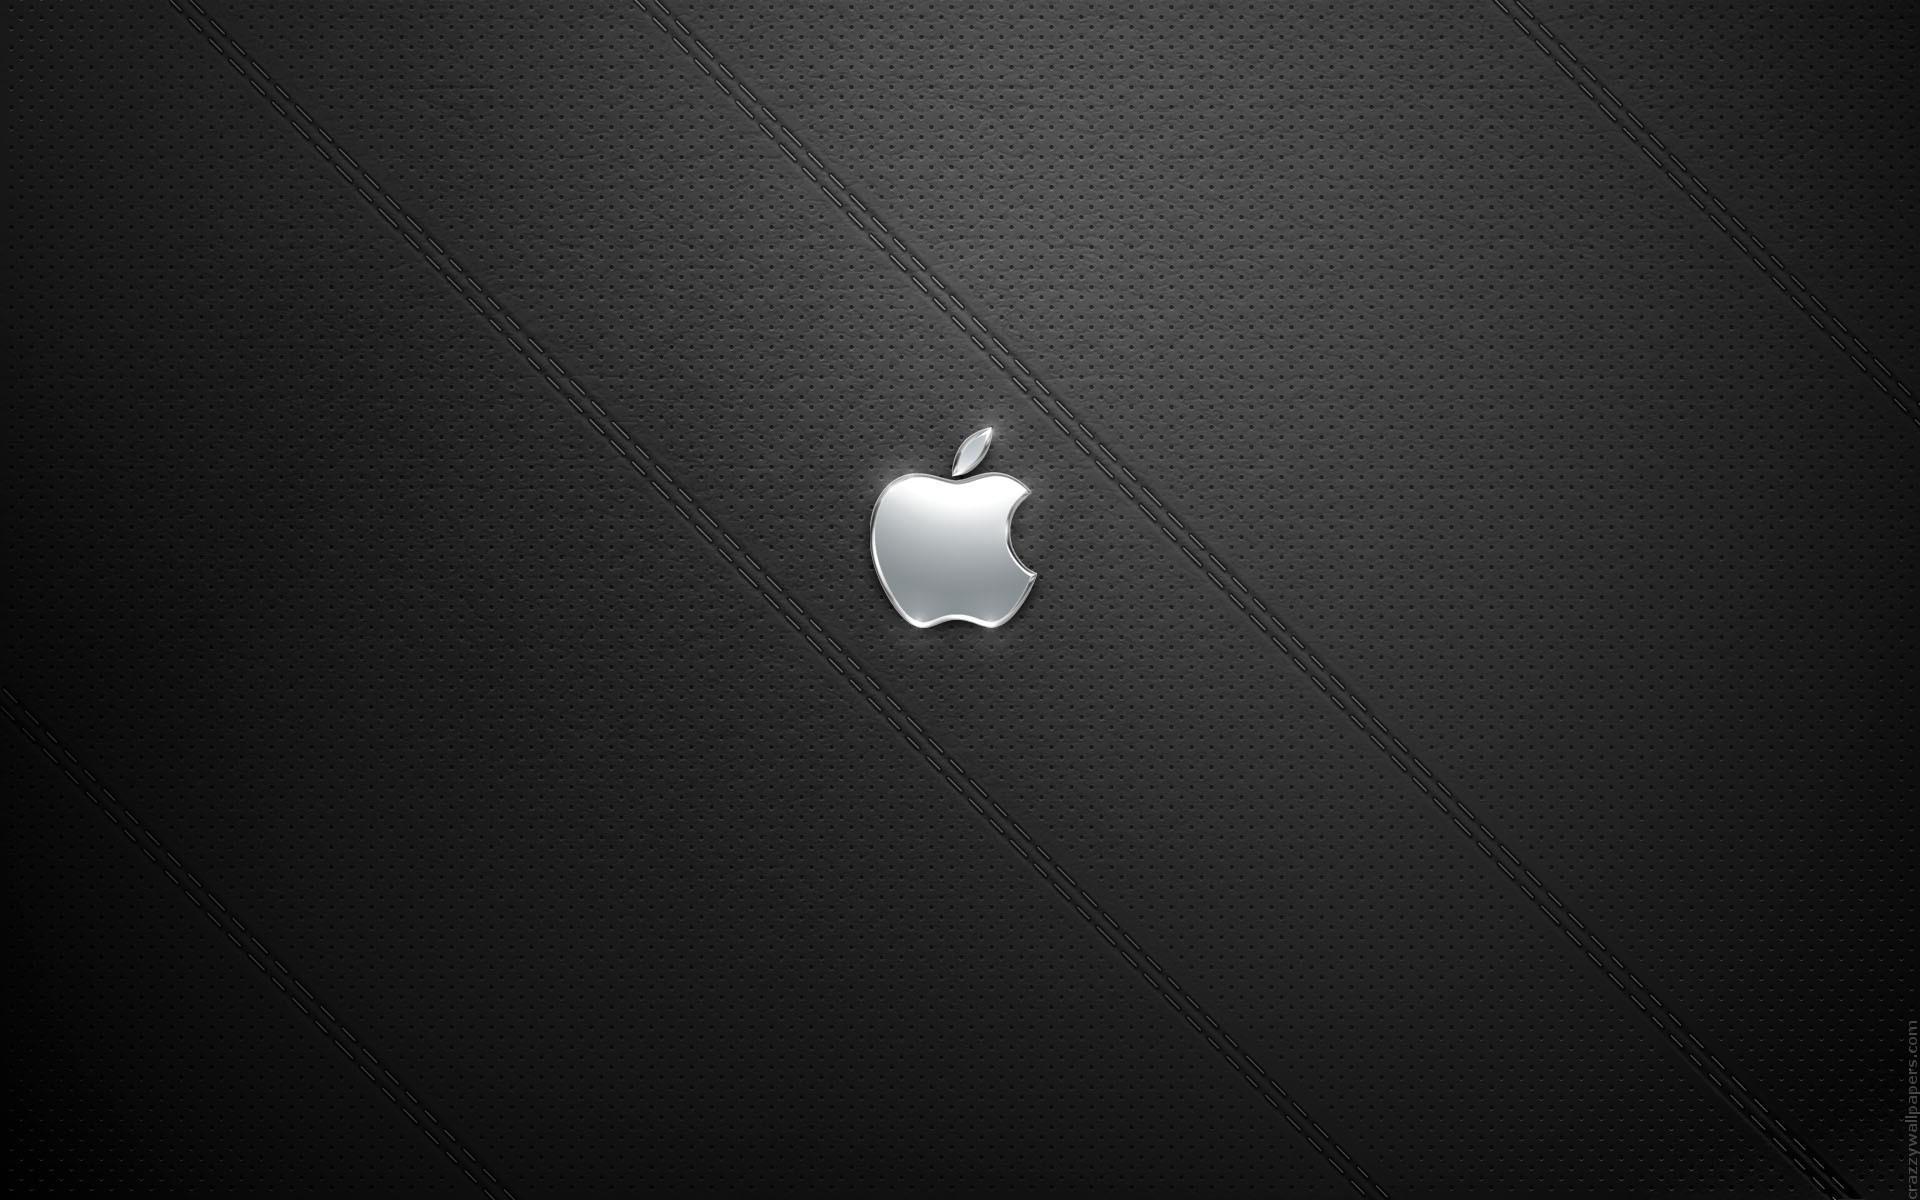 nouveautes_telechargement-gratuit-de-fond-ecran-apple_05